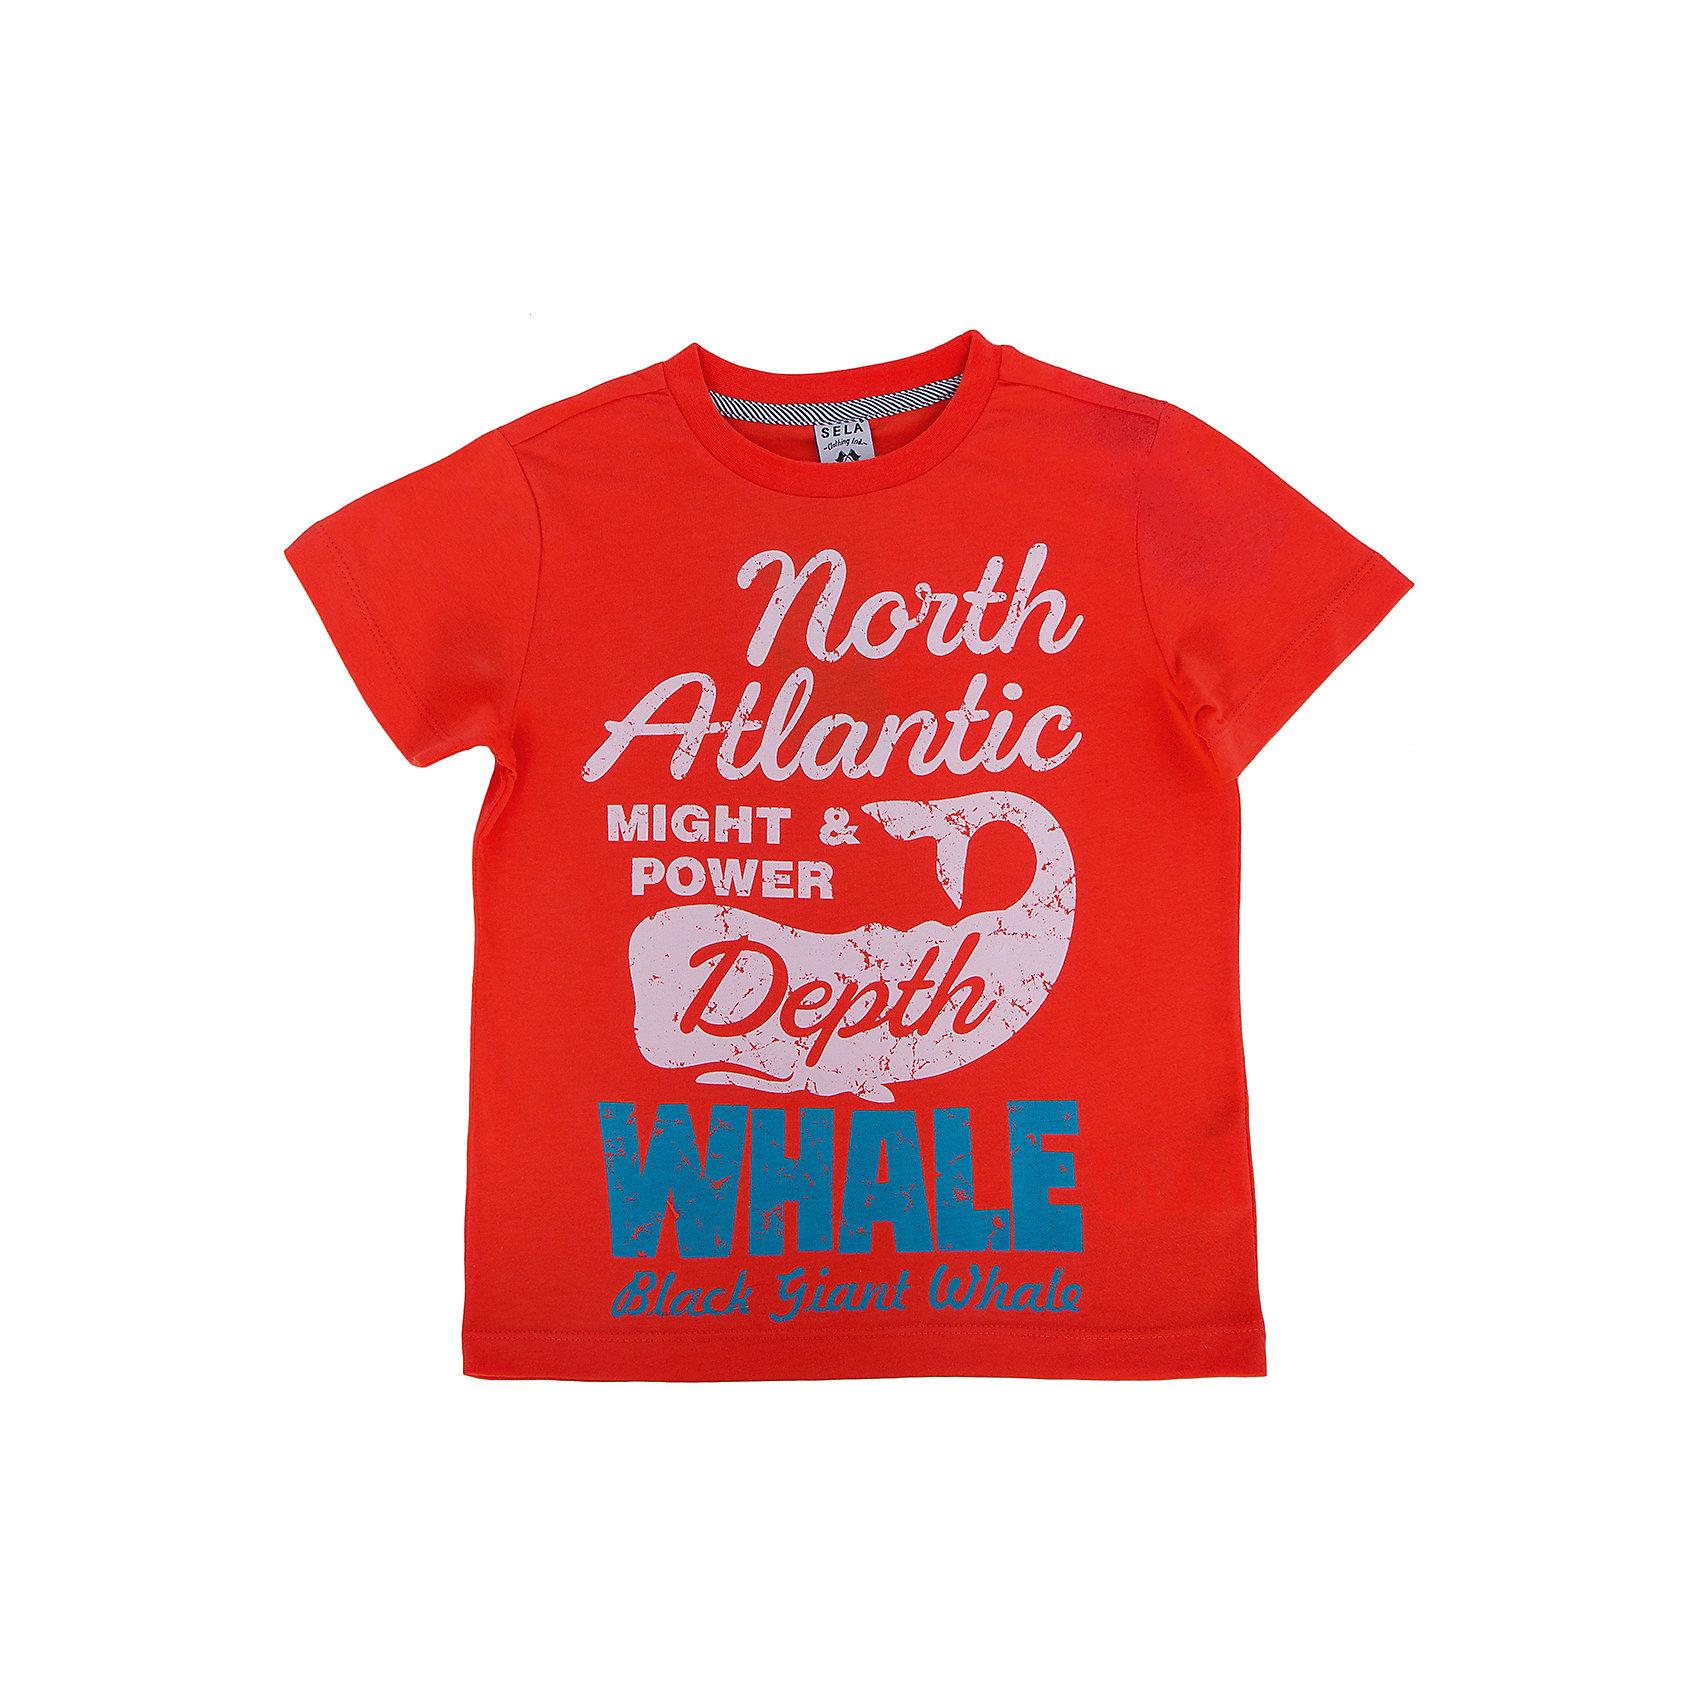 Футболка для мальчика SELAЯркая футболка для мальчика от популярного бренда SELA. Изделие выполнено из натурального гипоаллергенного трикотажа, очень мягкого, дышащего и приятного к телу, и обладает следующими особенностями:<br>- насыщенный цвет, принтованные надписи на груди;<br>- эластичная отделка горловины;<br>- комфортный крой, гарантирующий свободу движений;<br>- базовая модель.<br>Великолепный выбор для активного лета!<br><br>Дополнительная информация:<br>- состав: 100% хлопок<br><br>Футболку для мальчика SELA (СЕЛА) можно купить в нашем магазине<br><br>Ширина мм: 230<br>Глубина мм: 40<br>Высота мм: 220<br>Вес г: 250<br>Цвет: красный<br>Возраст от месяцев: 48<br>Возраст до месяцев: 60<br>Пол: Мужской<br>Возраст: Детский<br>Размер: 110,92,116,104,98<br>SKU: 4741219